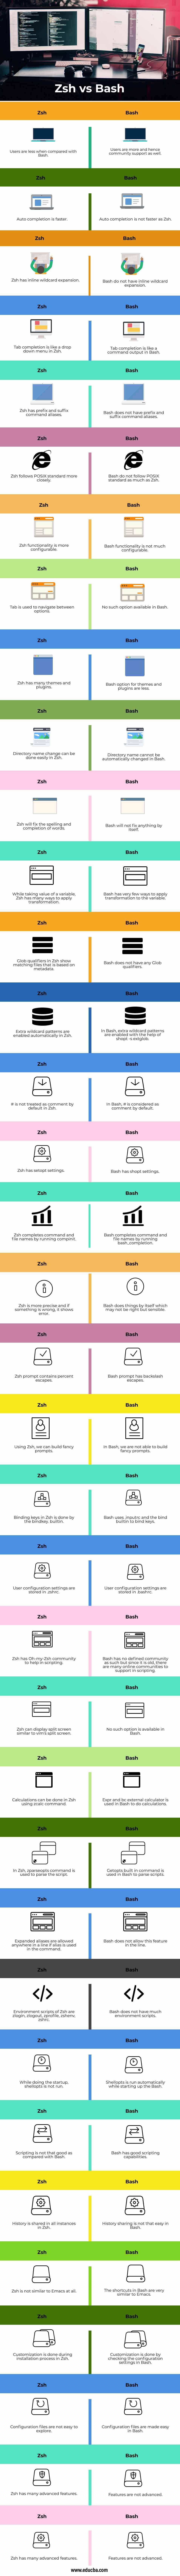 Zsh-vs-Bash-info